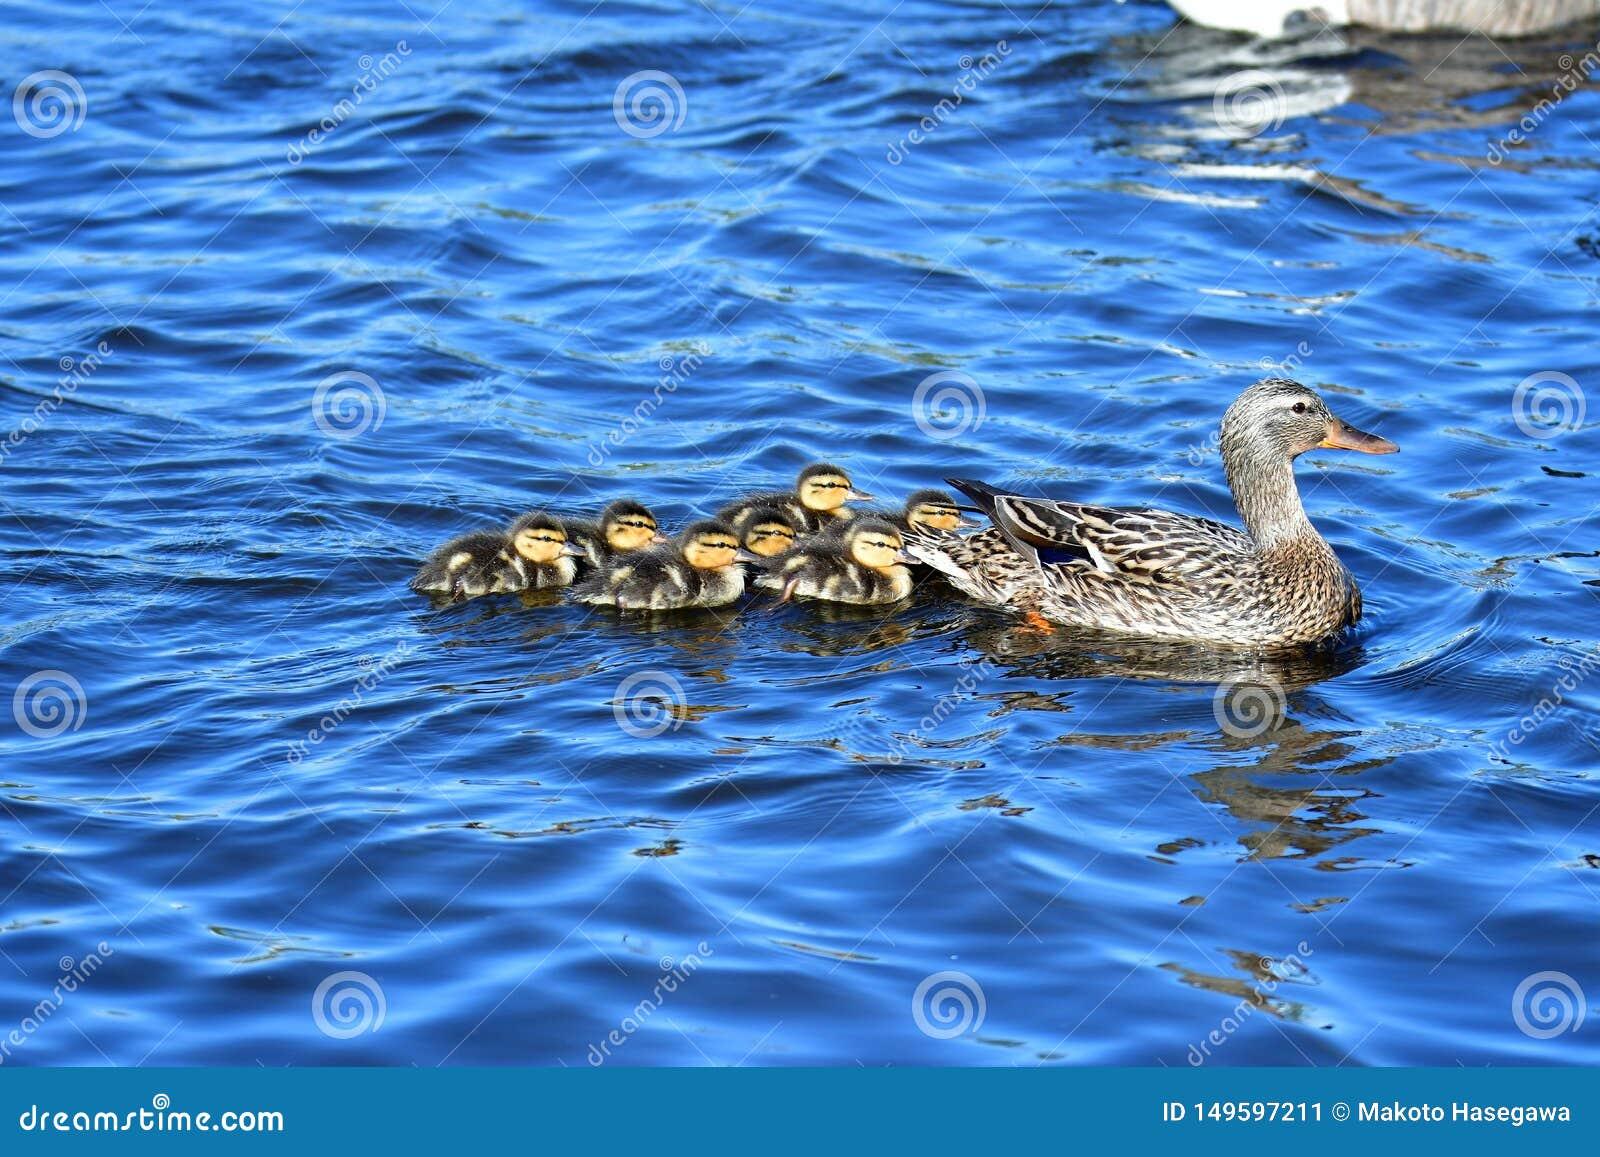 Οικογένεια παπιών πρασινολαιμών που κολυμπά στη λίμνη